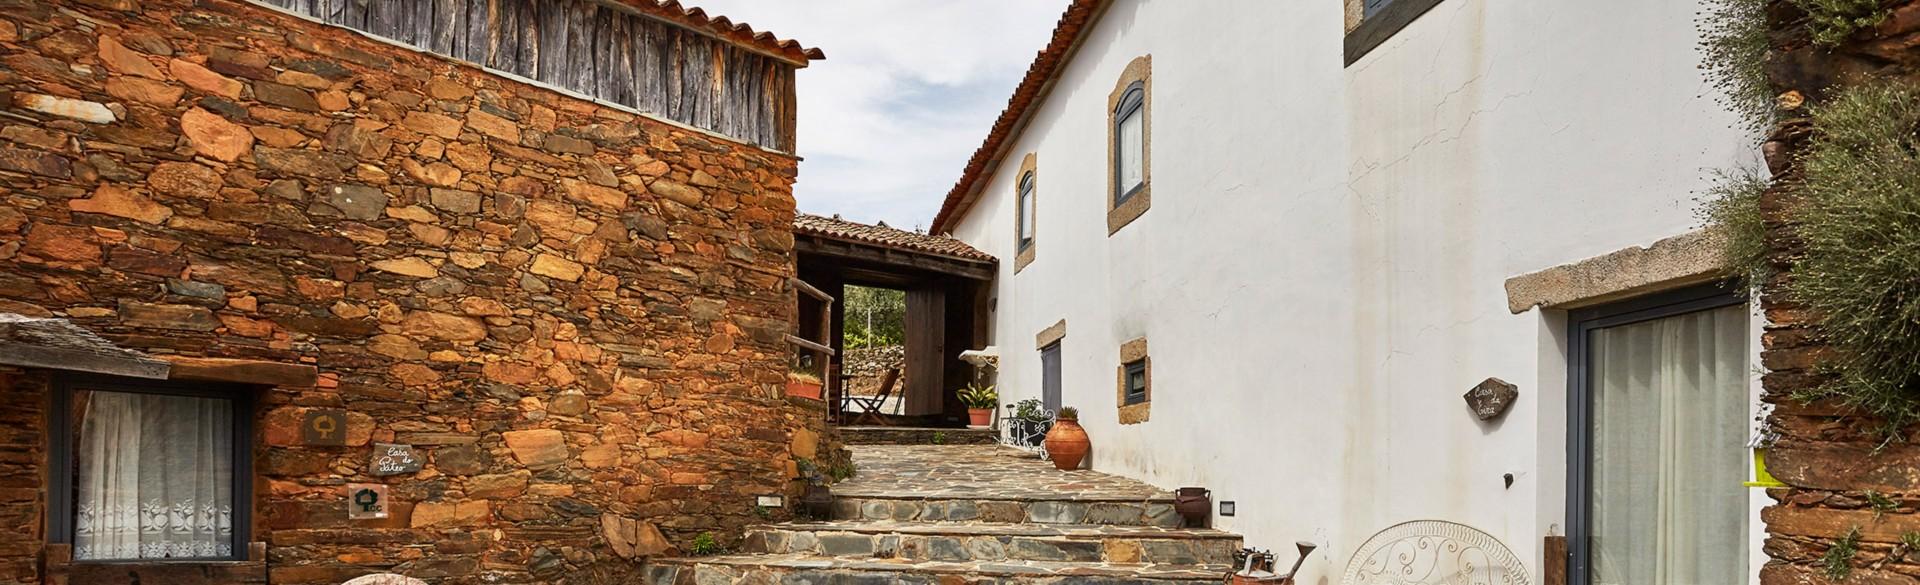 Casa da Eira - Vilar dos Condes